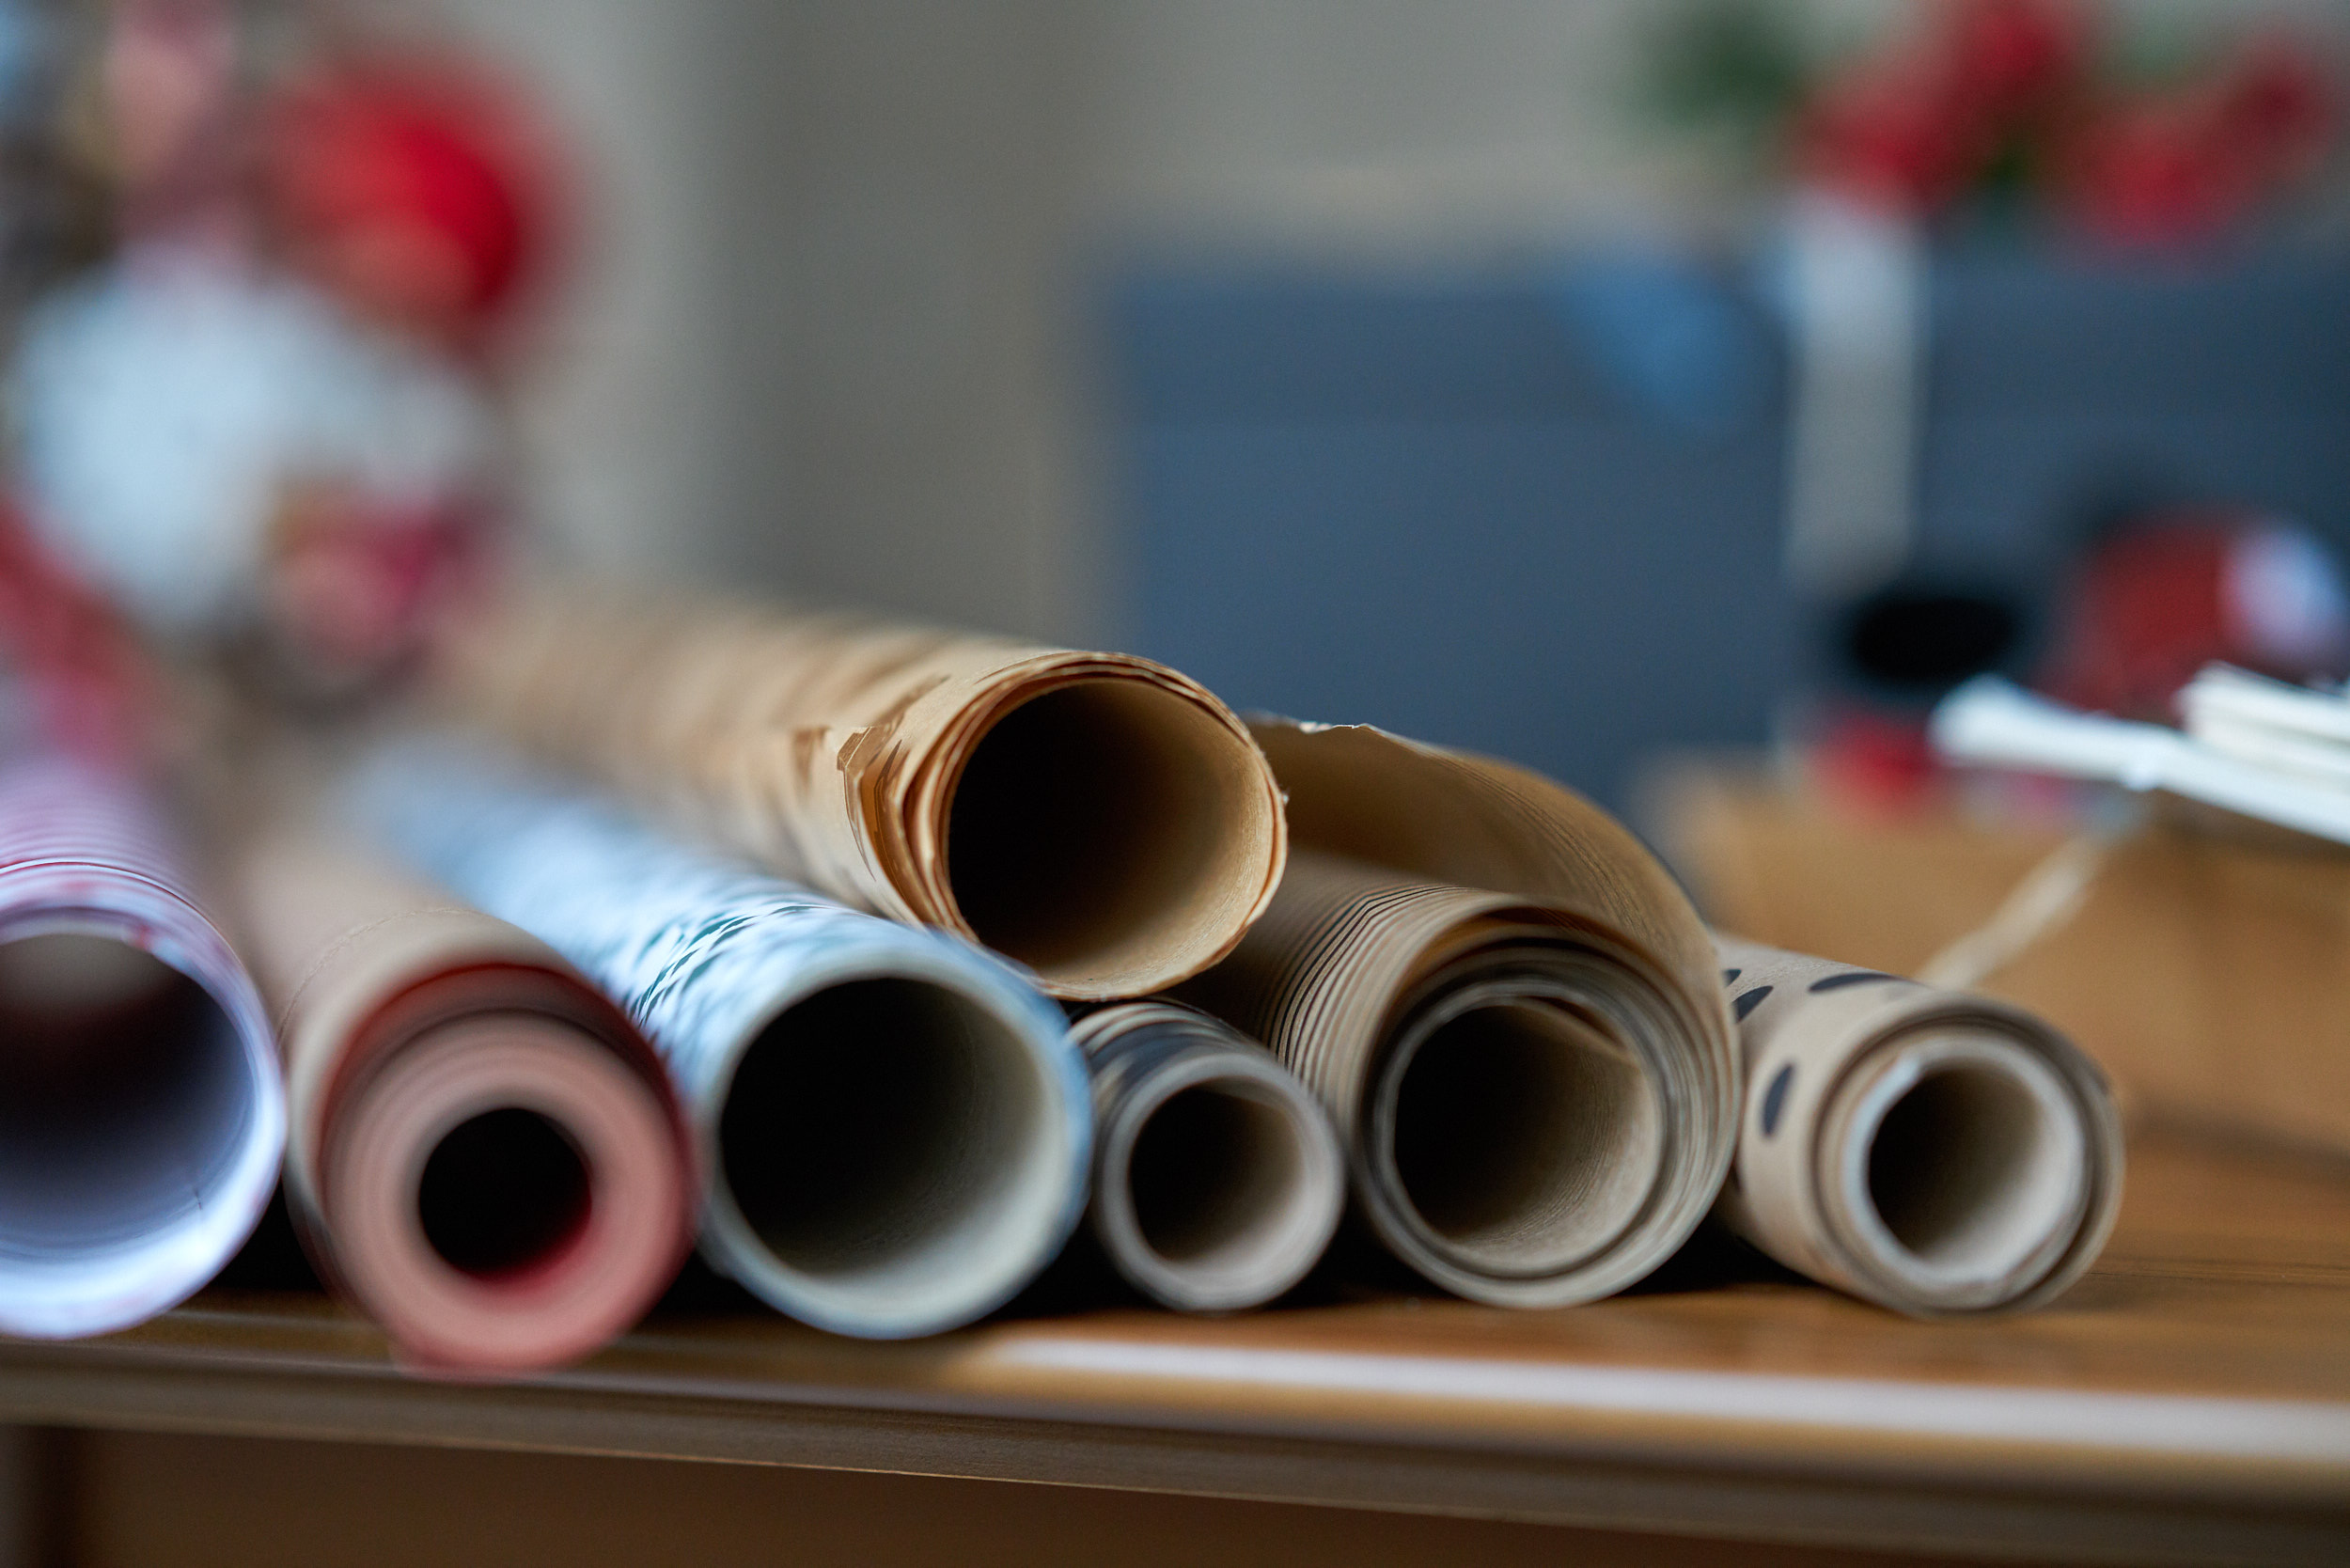 billur saatci, offnegiysem, new year, yeni yıl paketleri, new year packaging, hediye paketi, off ne hediye alsam,